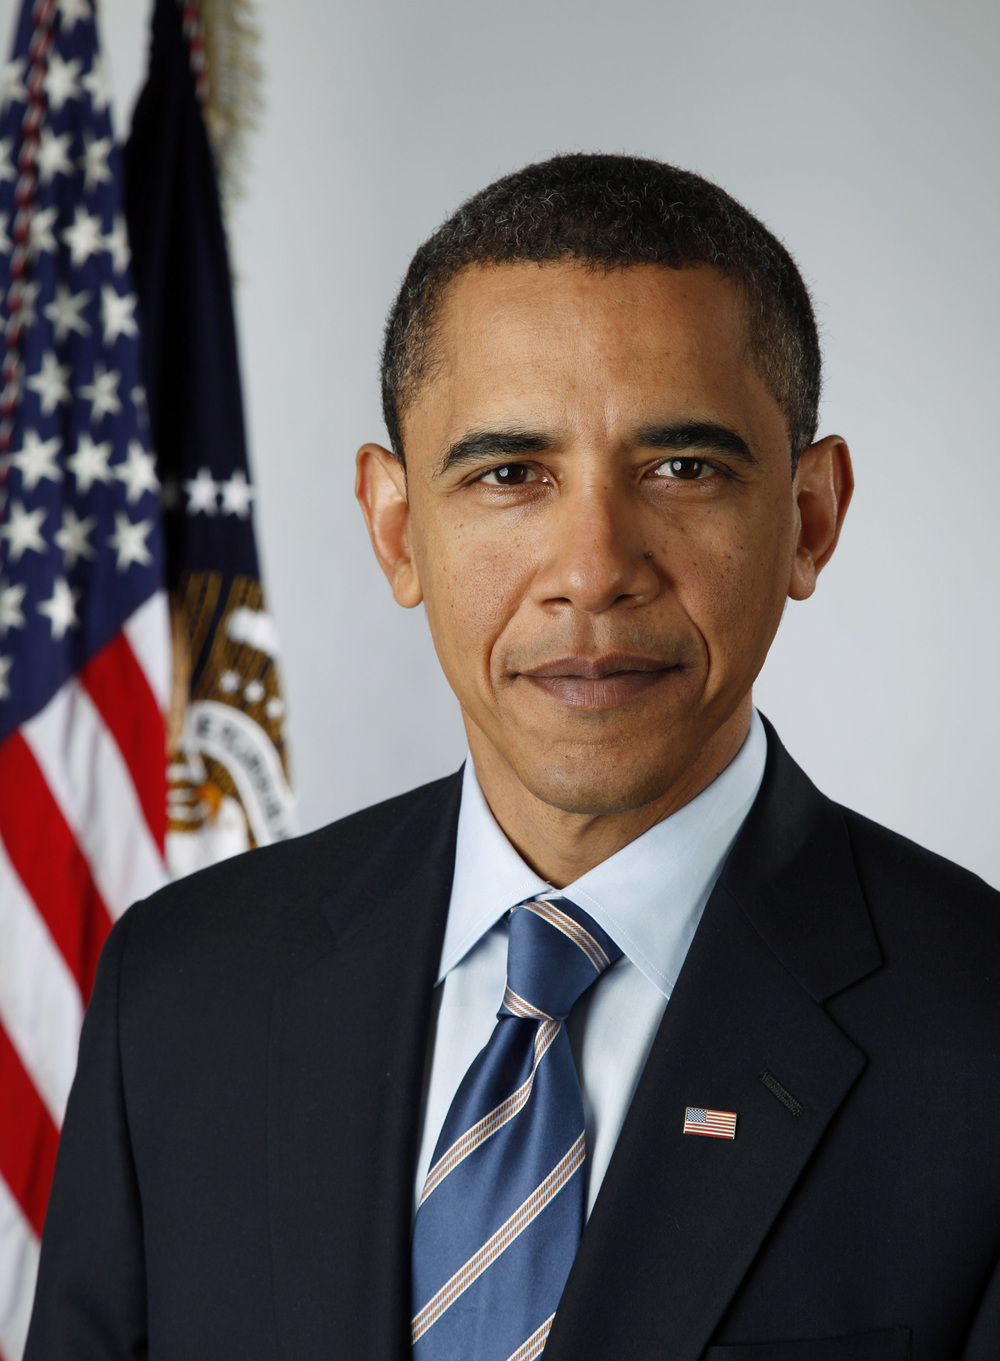 Obama-Official-Portrait-SC.jpg